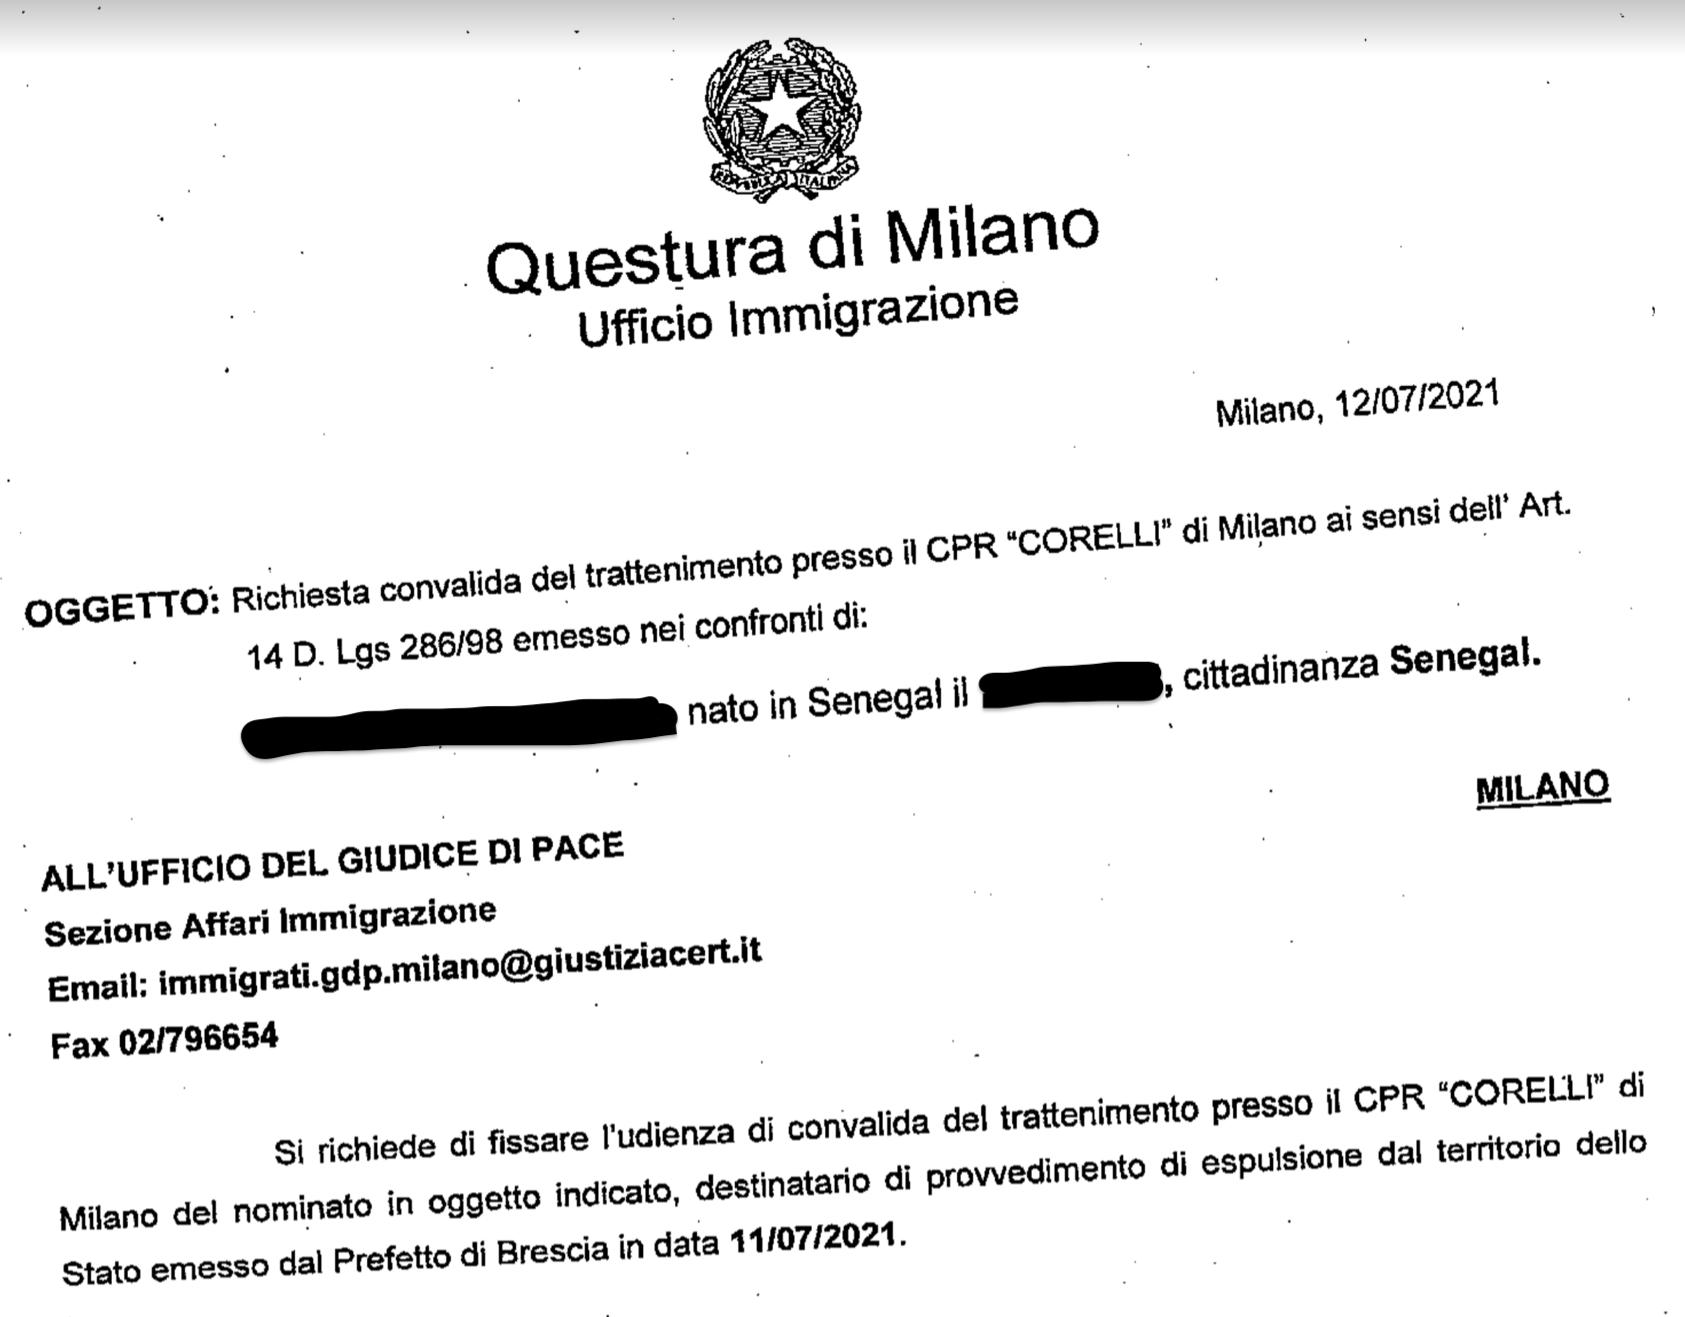 Richiesta convalida del trattenimento della Questura di Milano